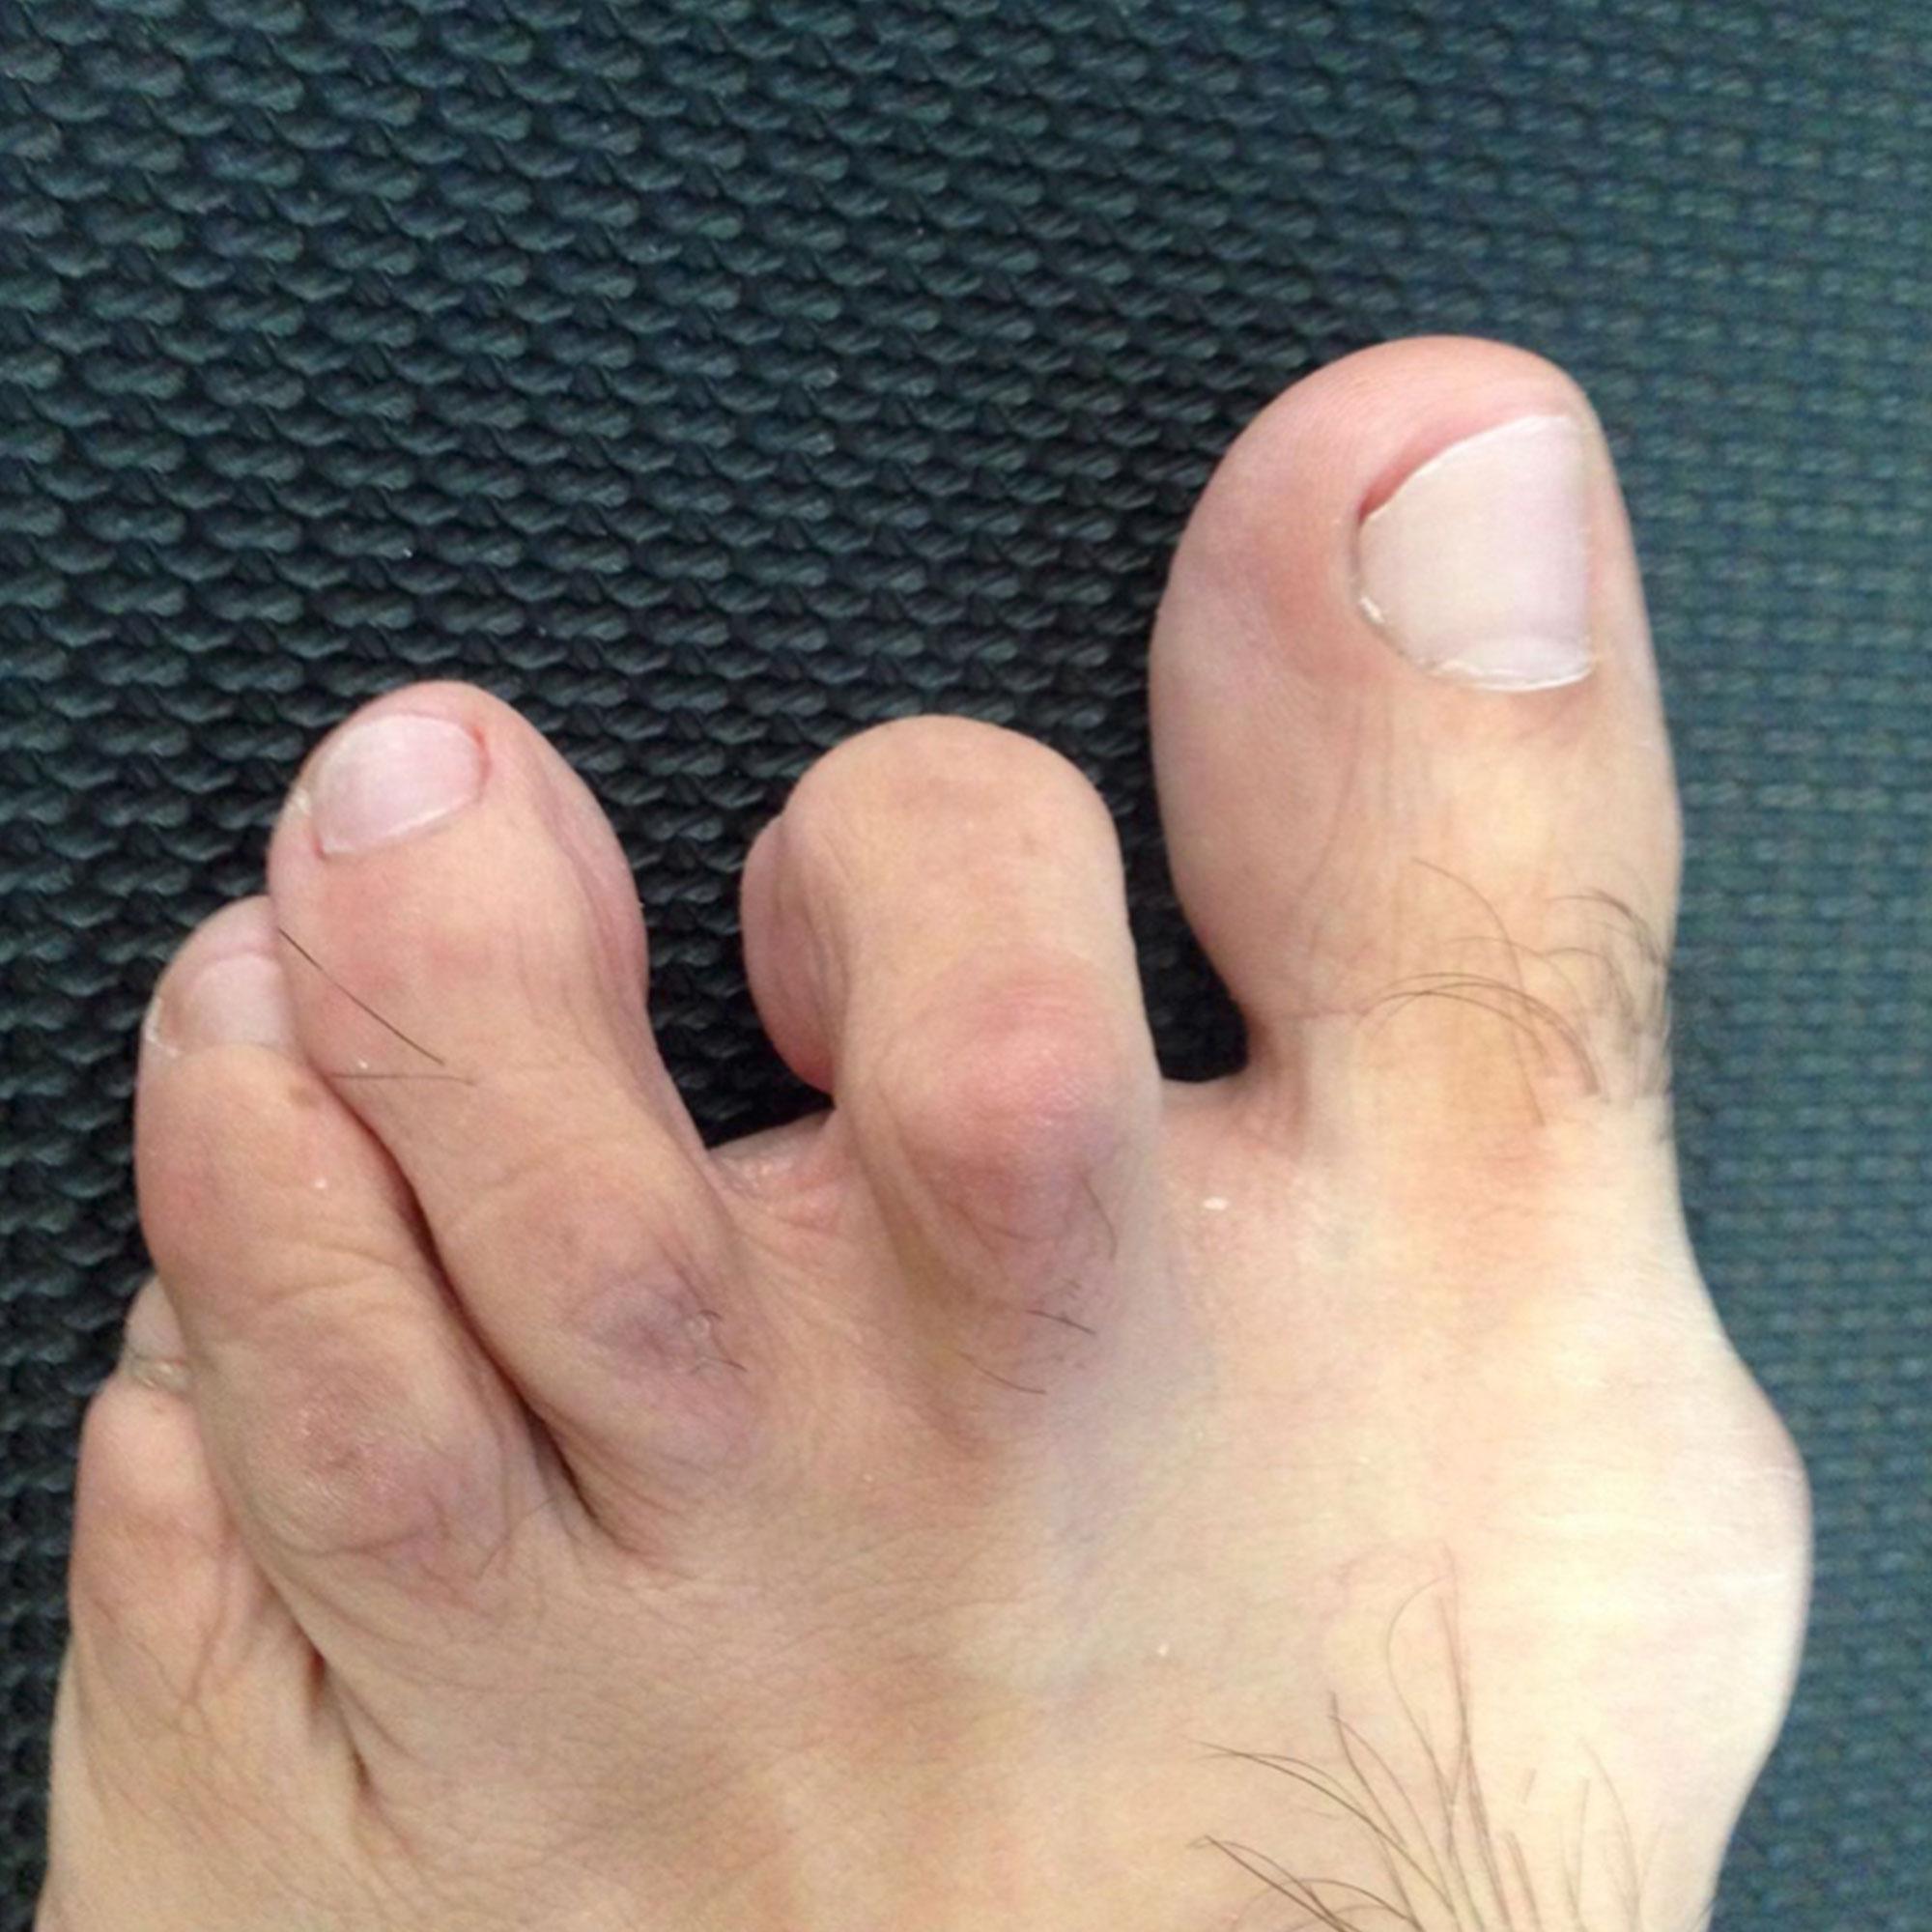 Segundo dedo en garra visión frontal.